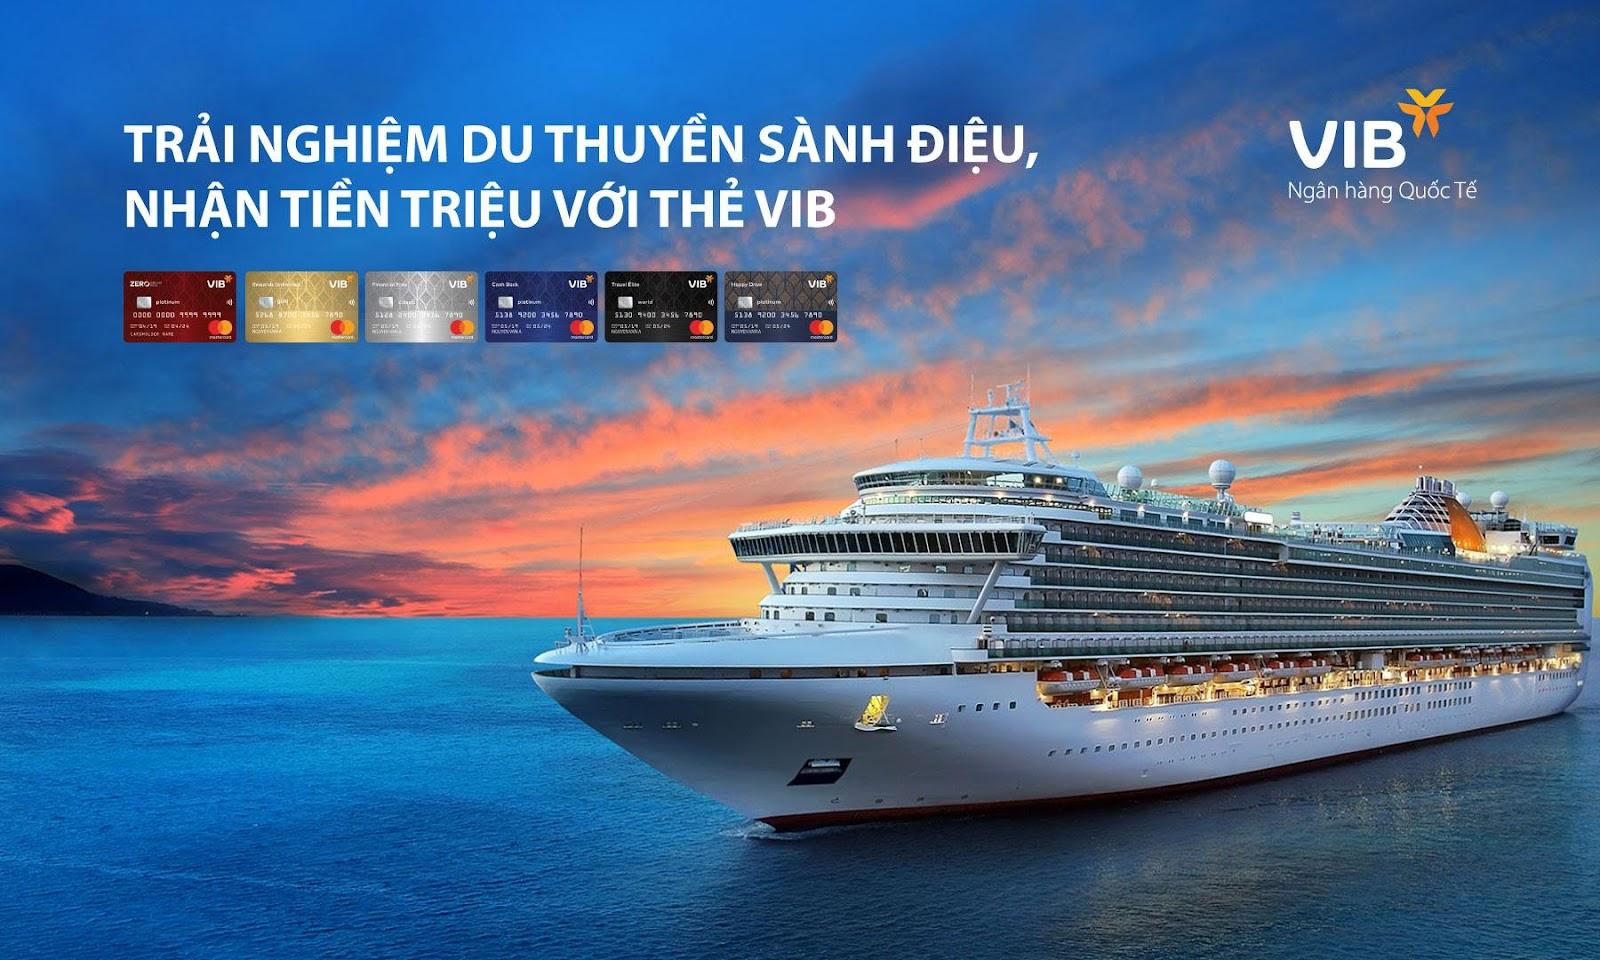 Trải nghiệm du thuyền đẳng cấp vòng quanh châu Á cùng VIB - Ảnh 1.